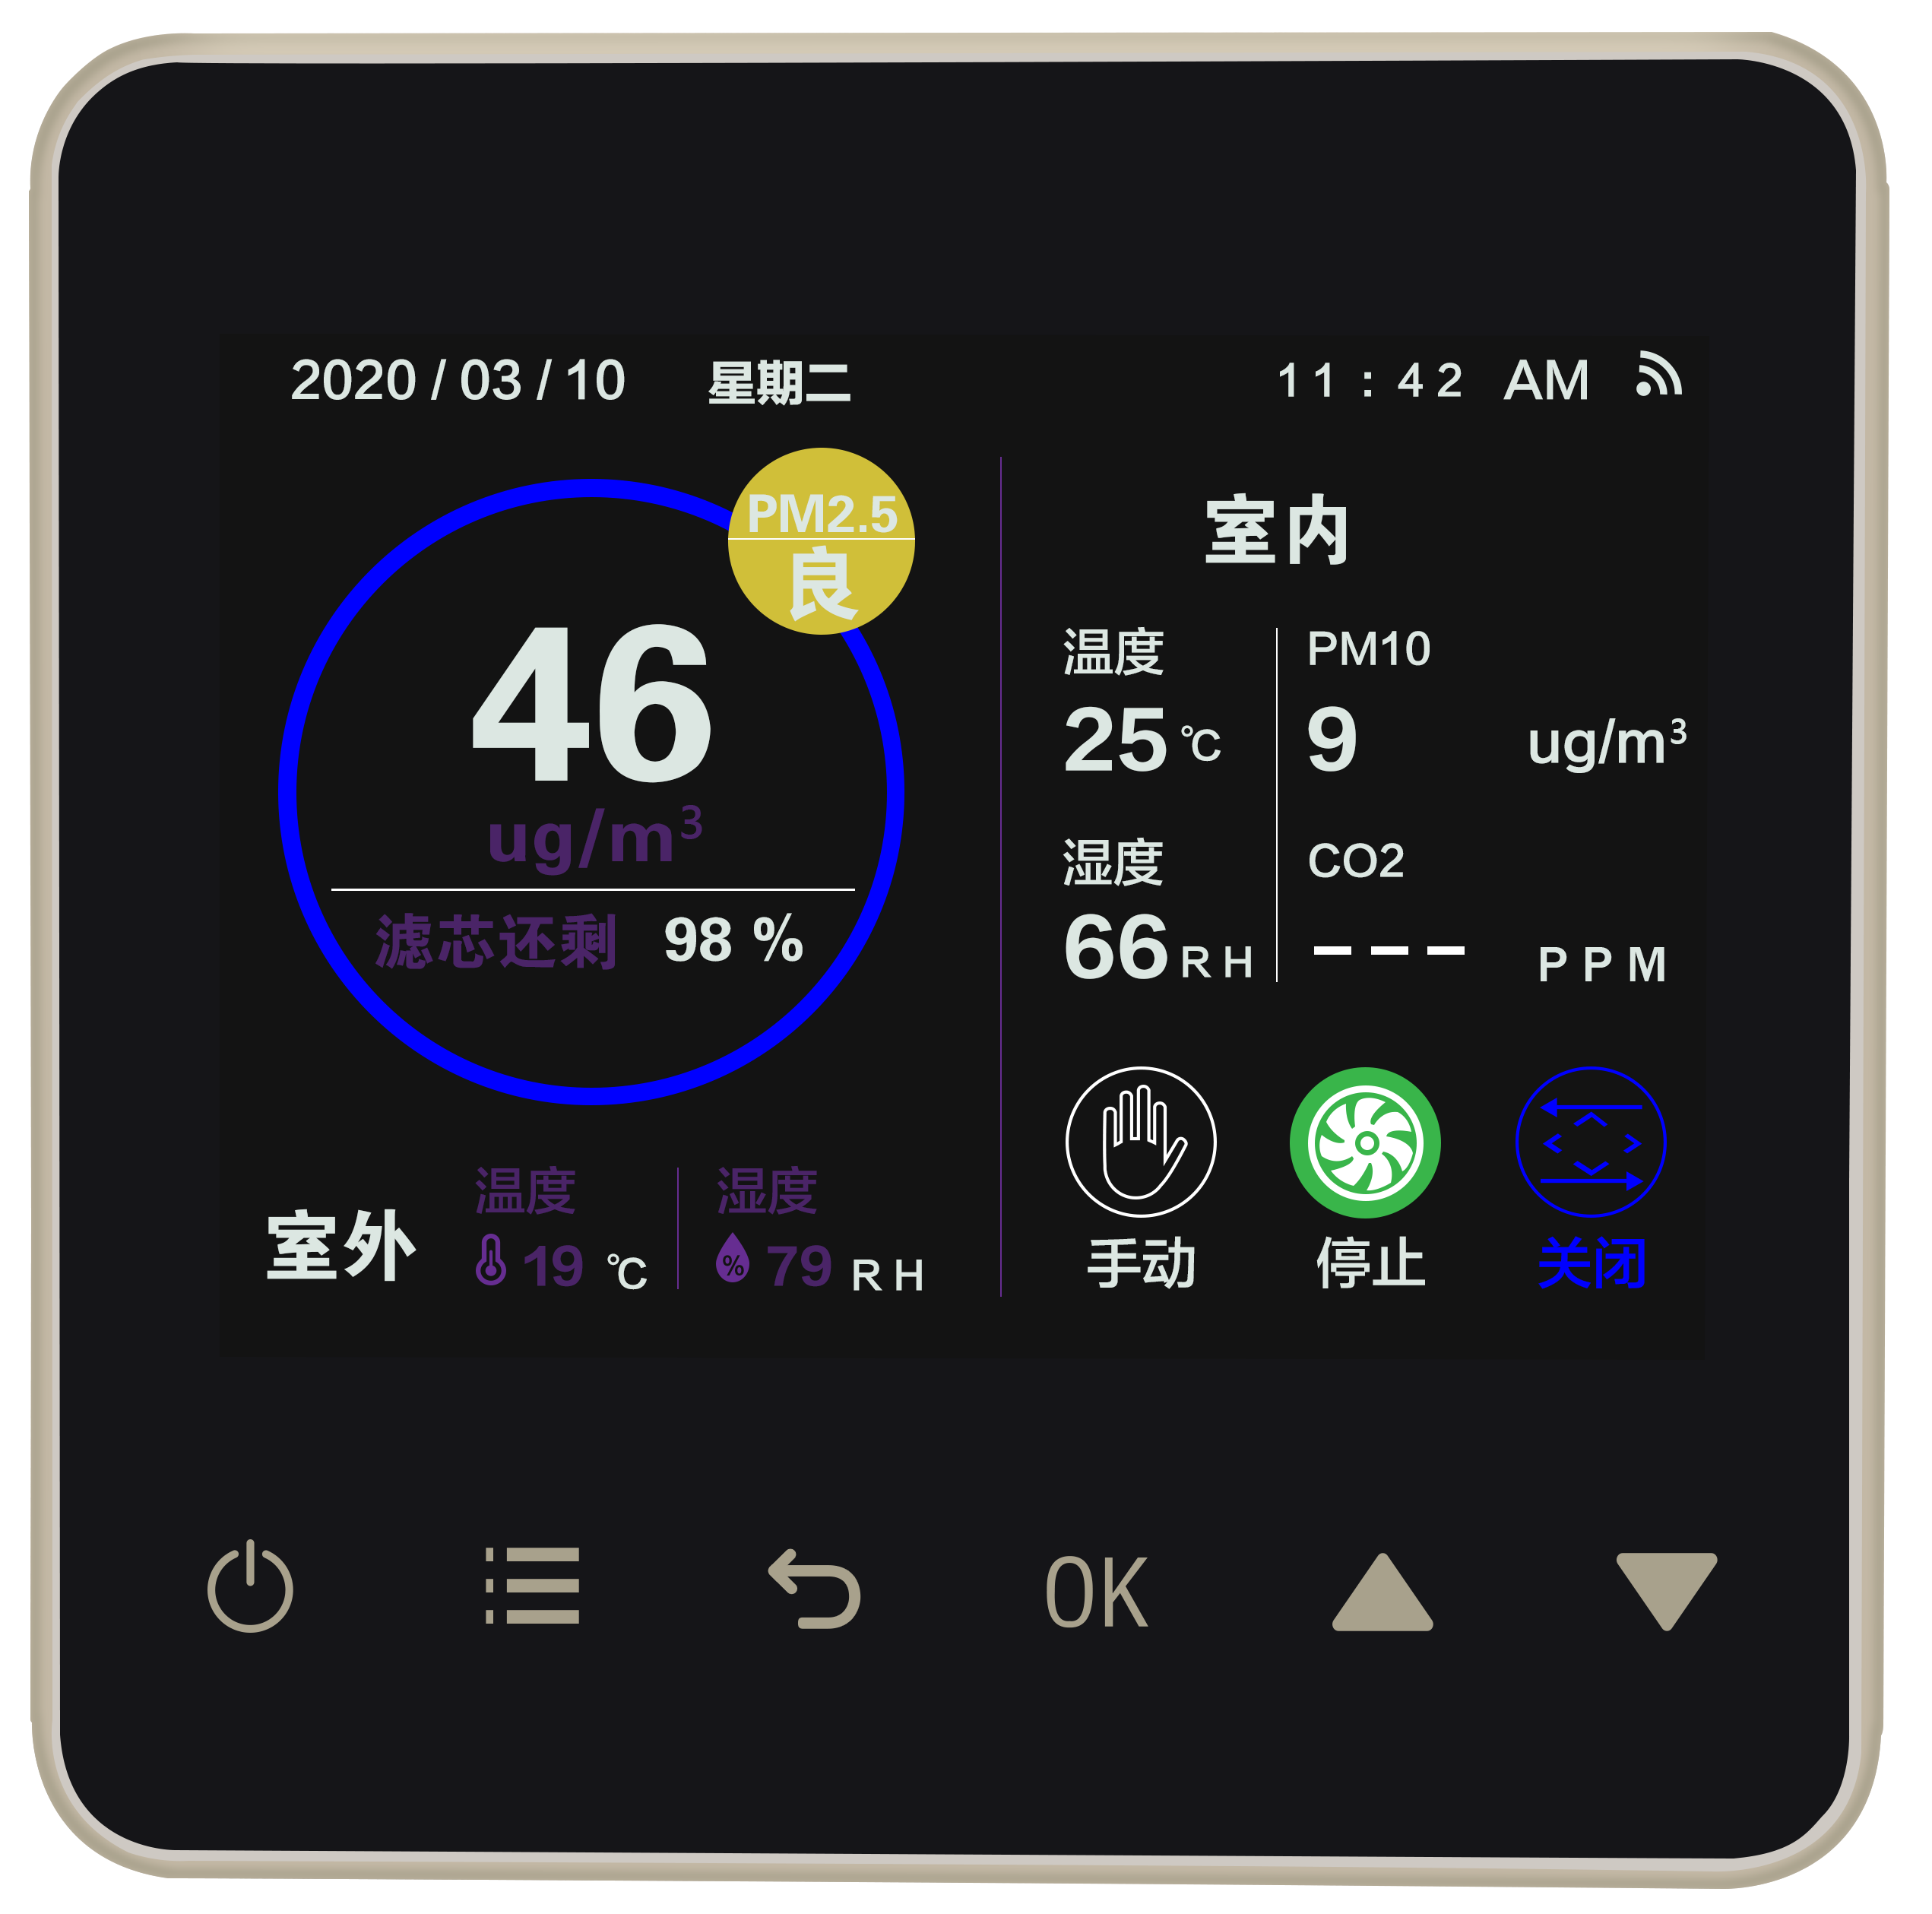 480320高分辨率3.5寸彩屏新风智能控制器,厂家可提供OEM